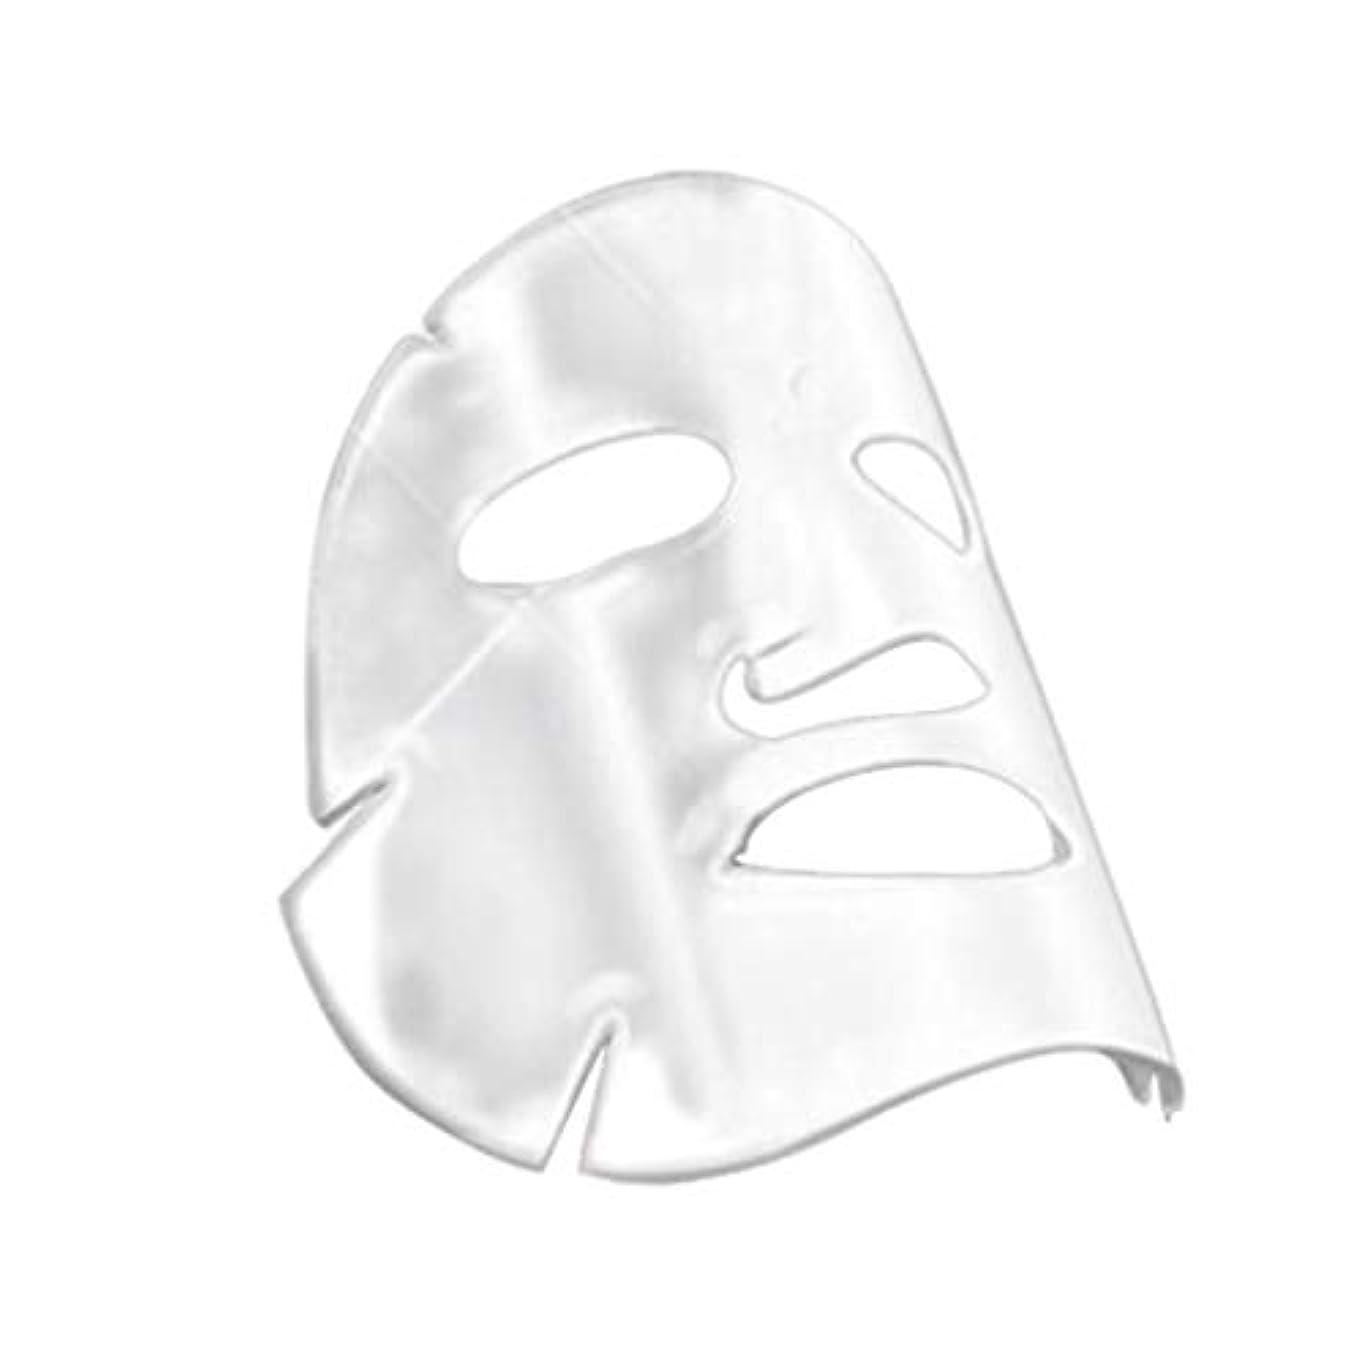 補充依存モンスターHealifty フェイシャルマスク保湿水和バイオファイバークリーニング吸油フェイシャルマスクフェイスマスク